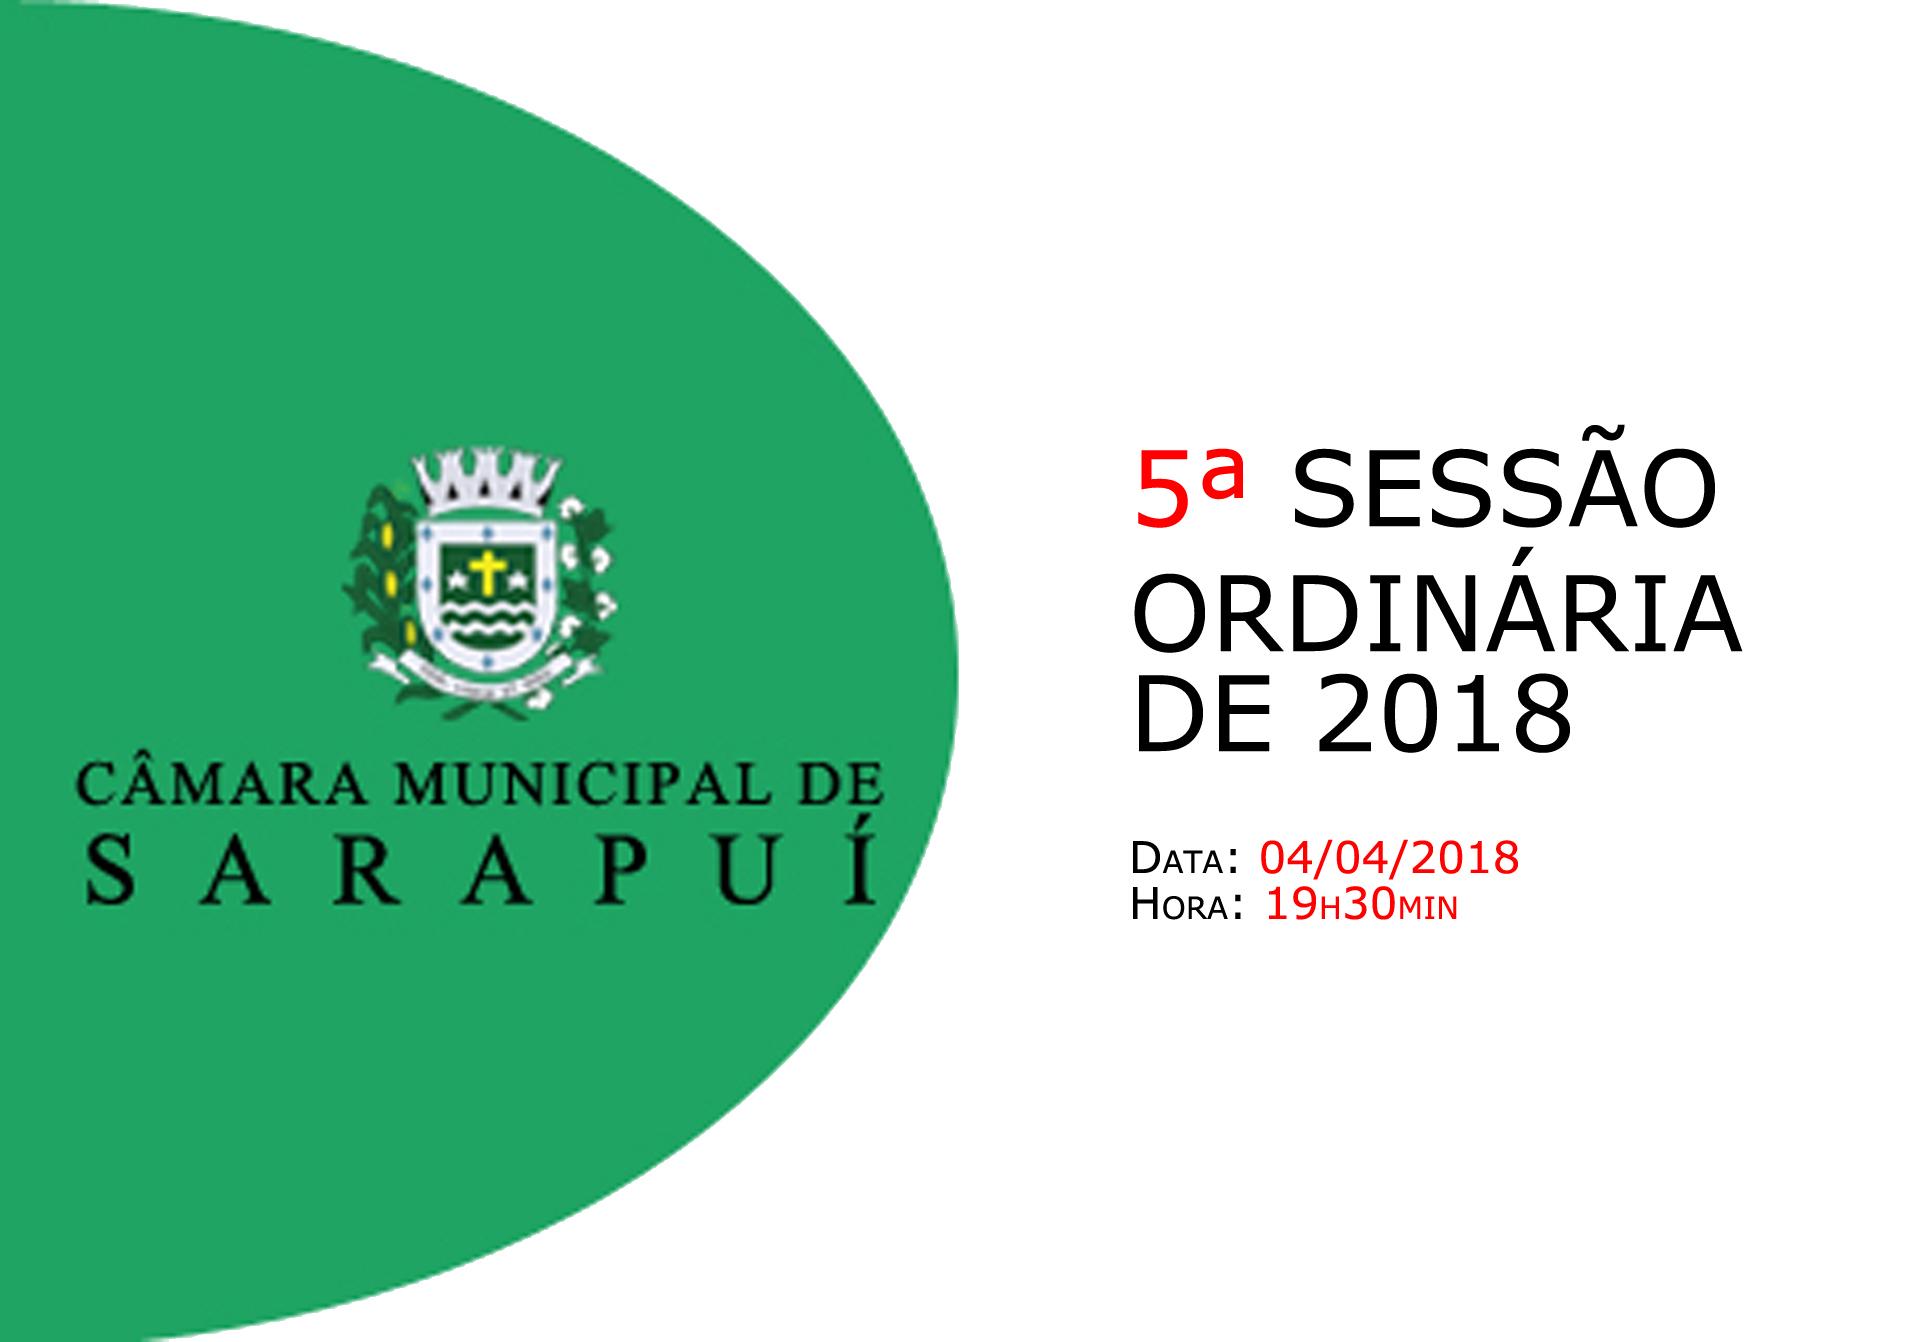 Pauta da 5ª sessão ordinária de 2018